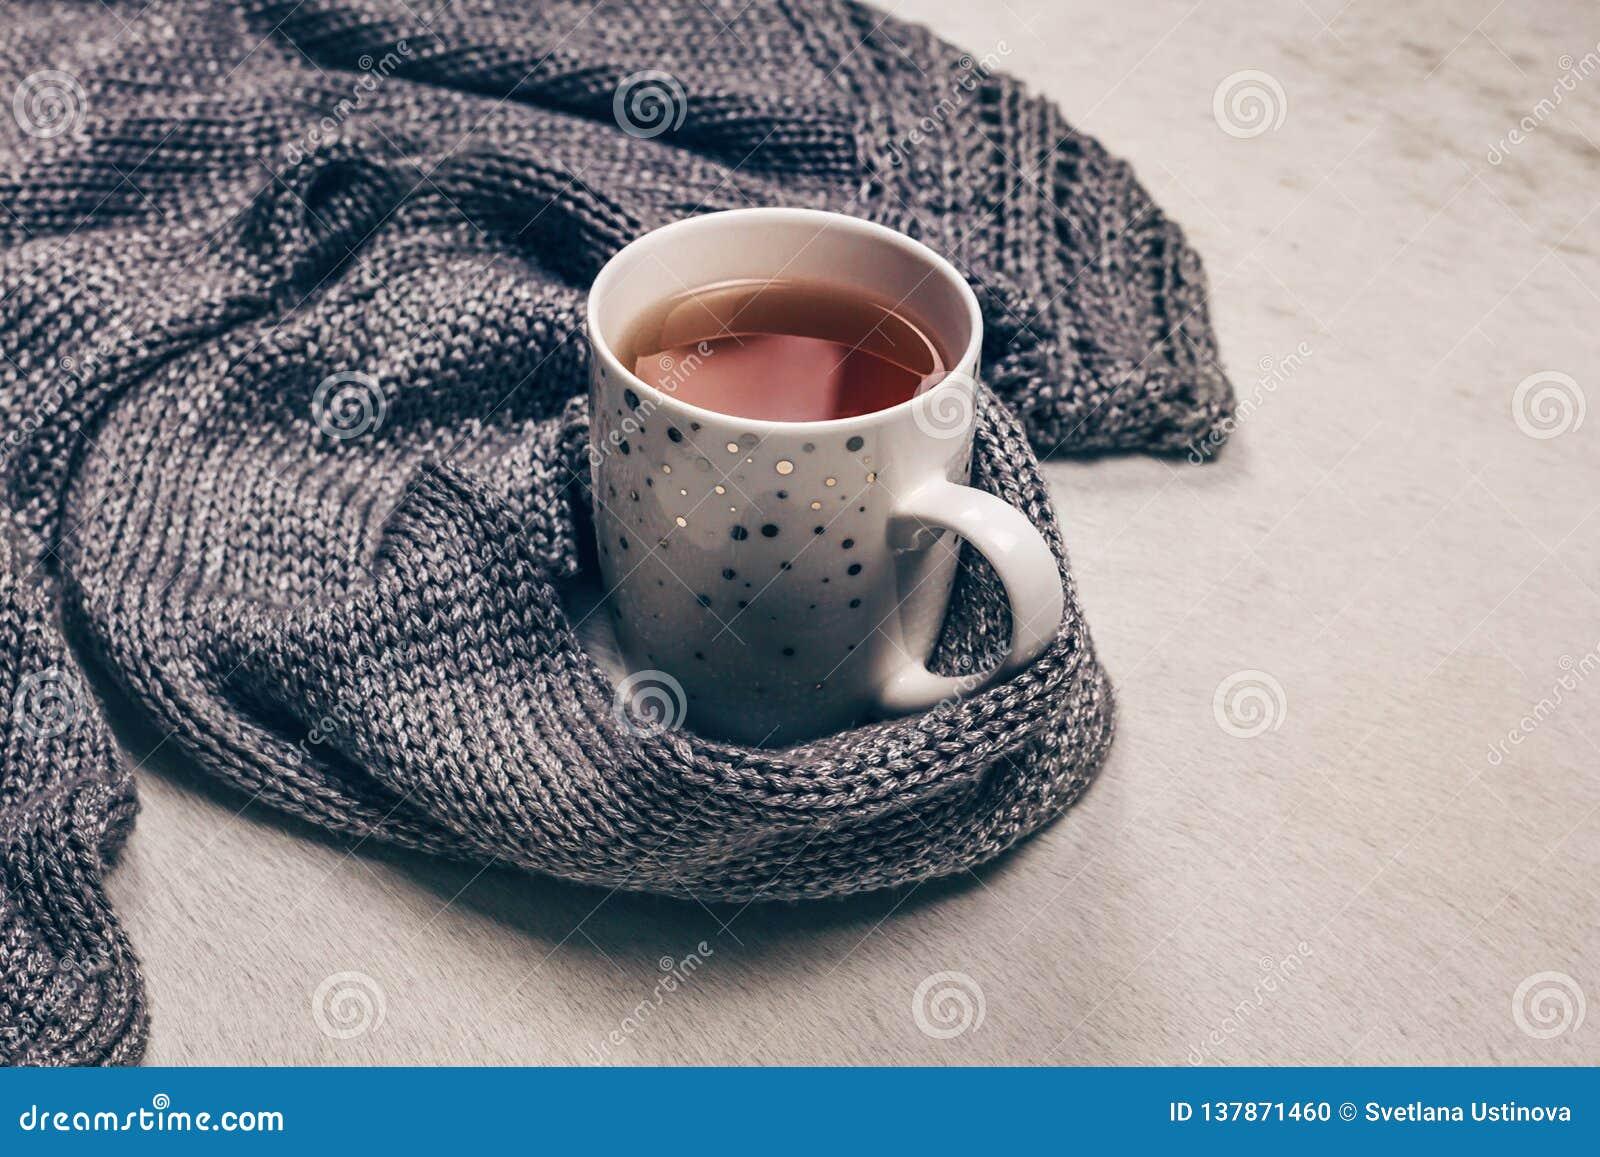 Tela feita malha cinzenta prateada ao longo de um copo do chá no fundo branco leitoso da pele